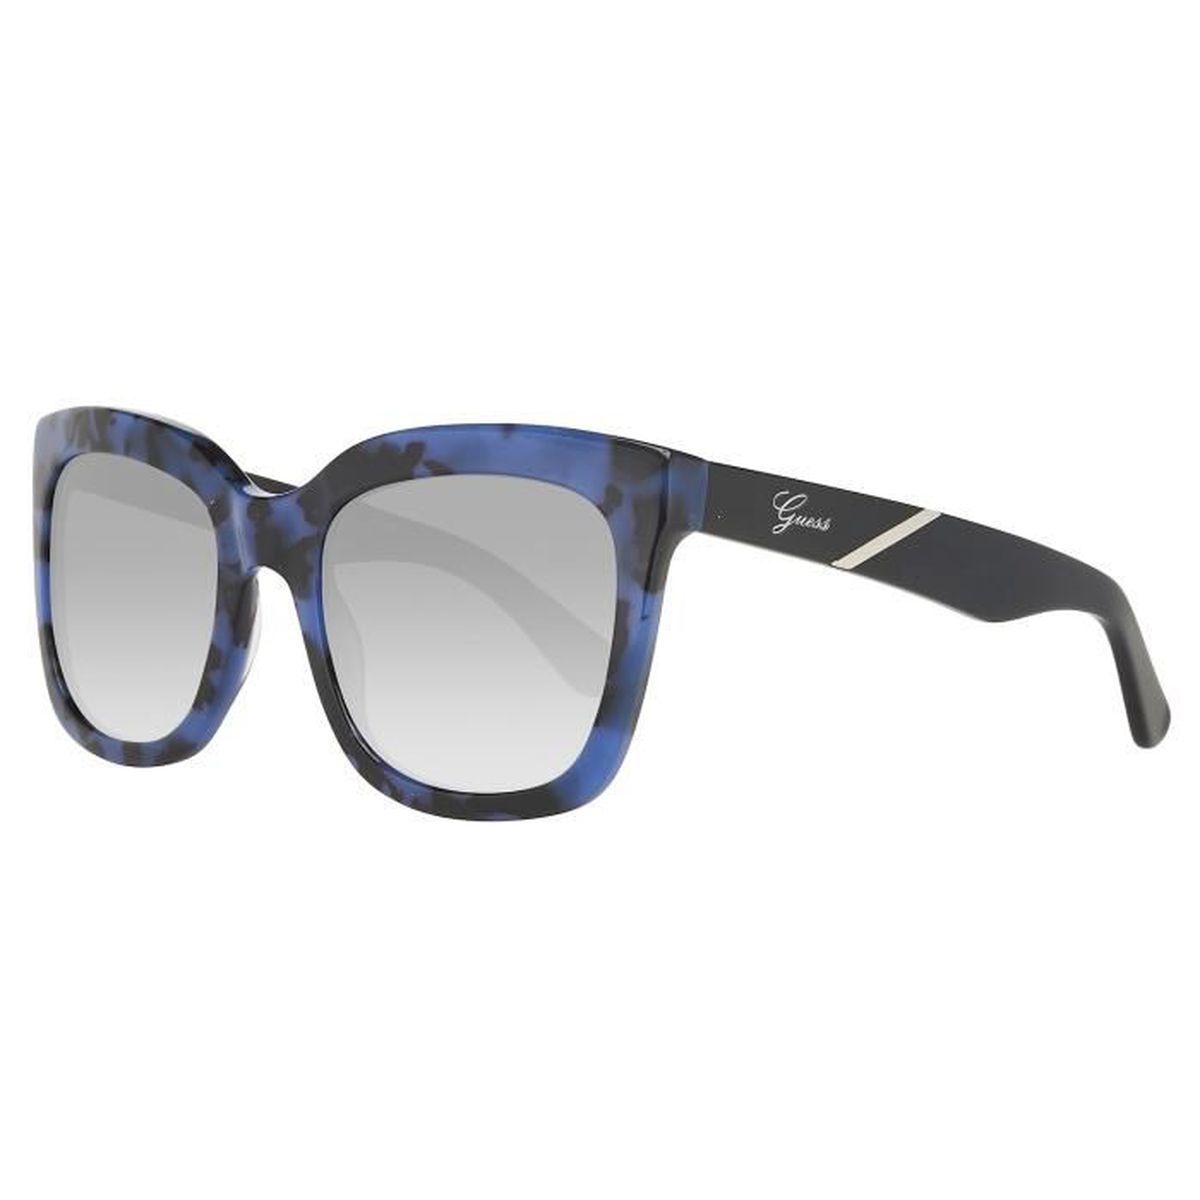 Guess Sunglasses GU7342 D79 53 - Achat   Vente lunettes de soleil ... 1a10447aa6d0